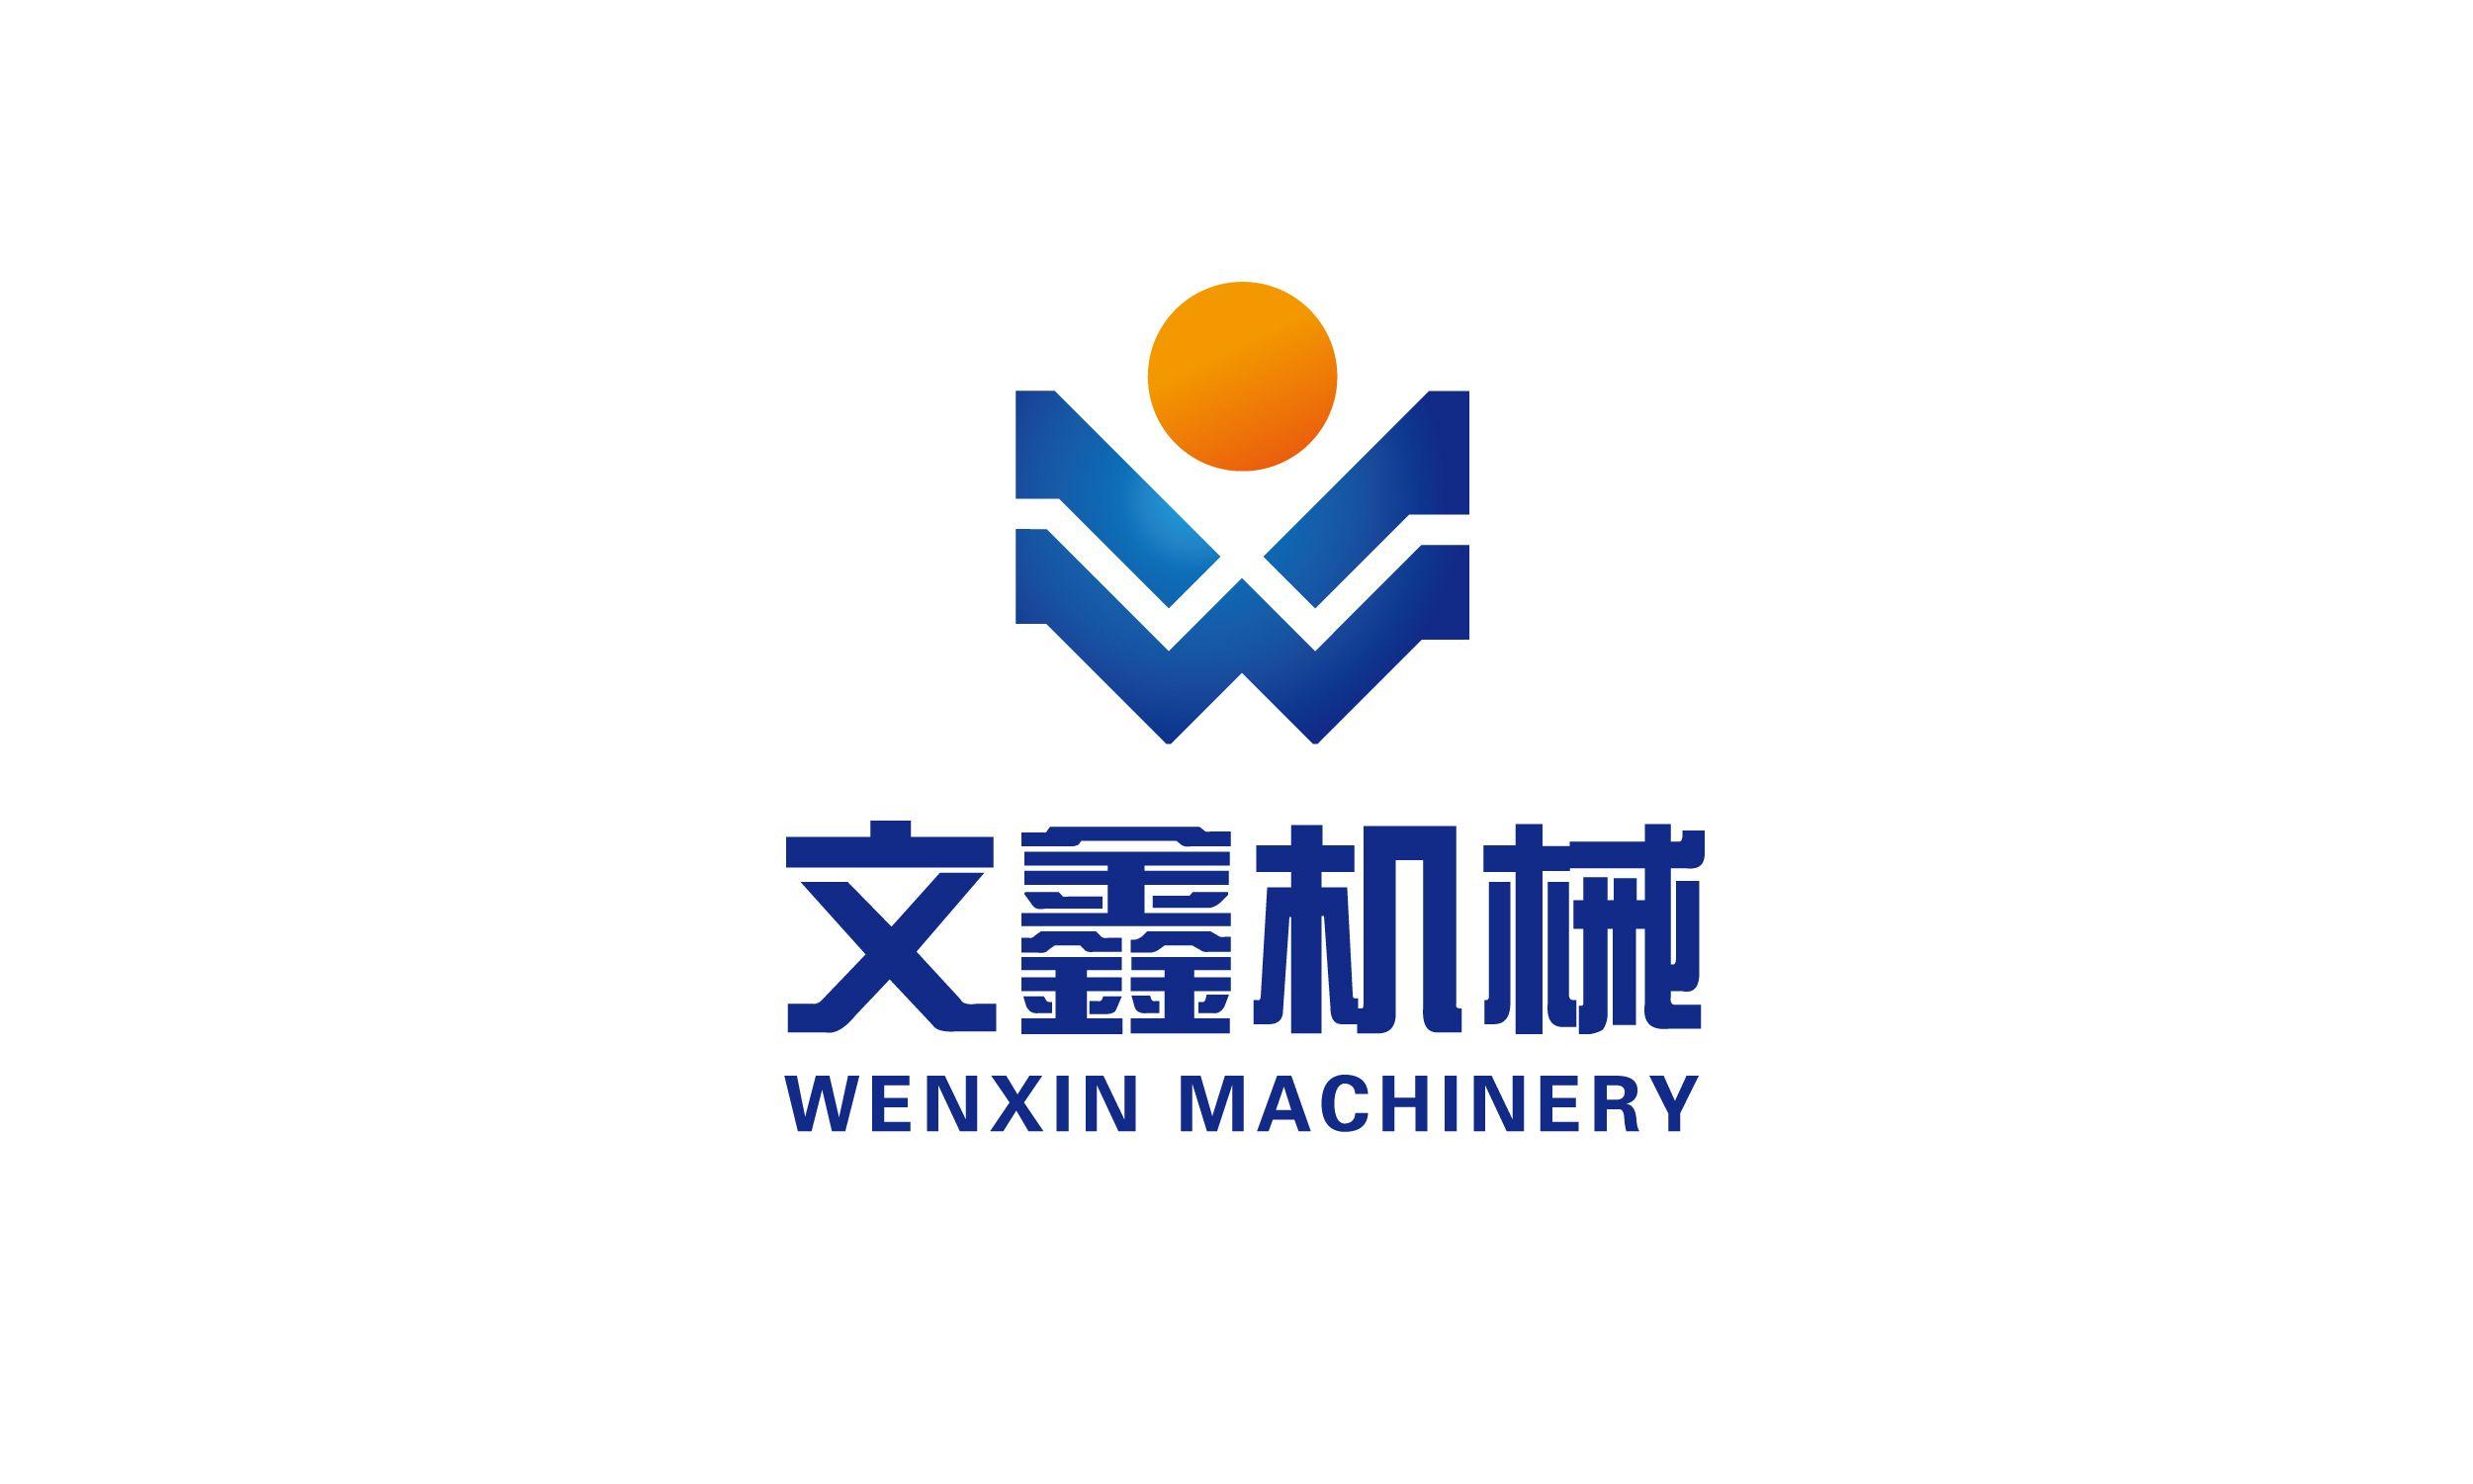 张家港市乐余文鑫机械厂